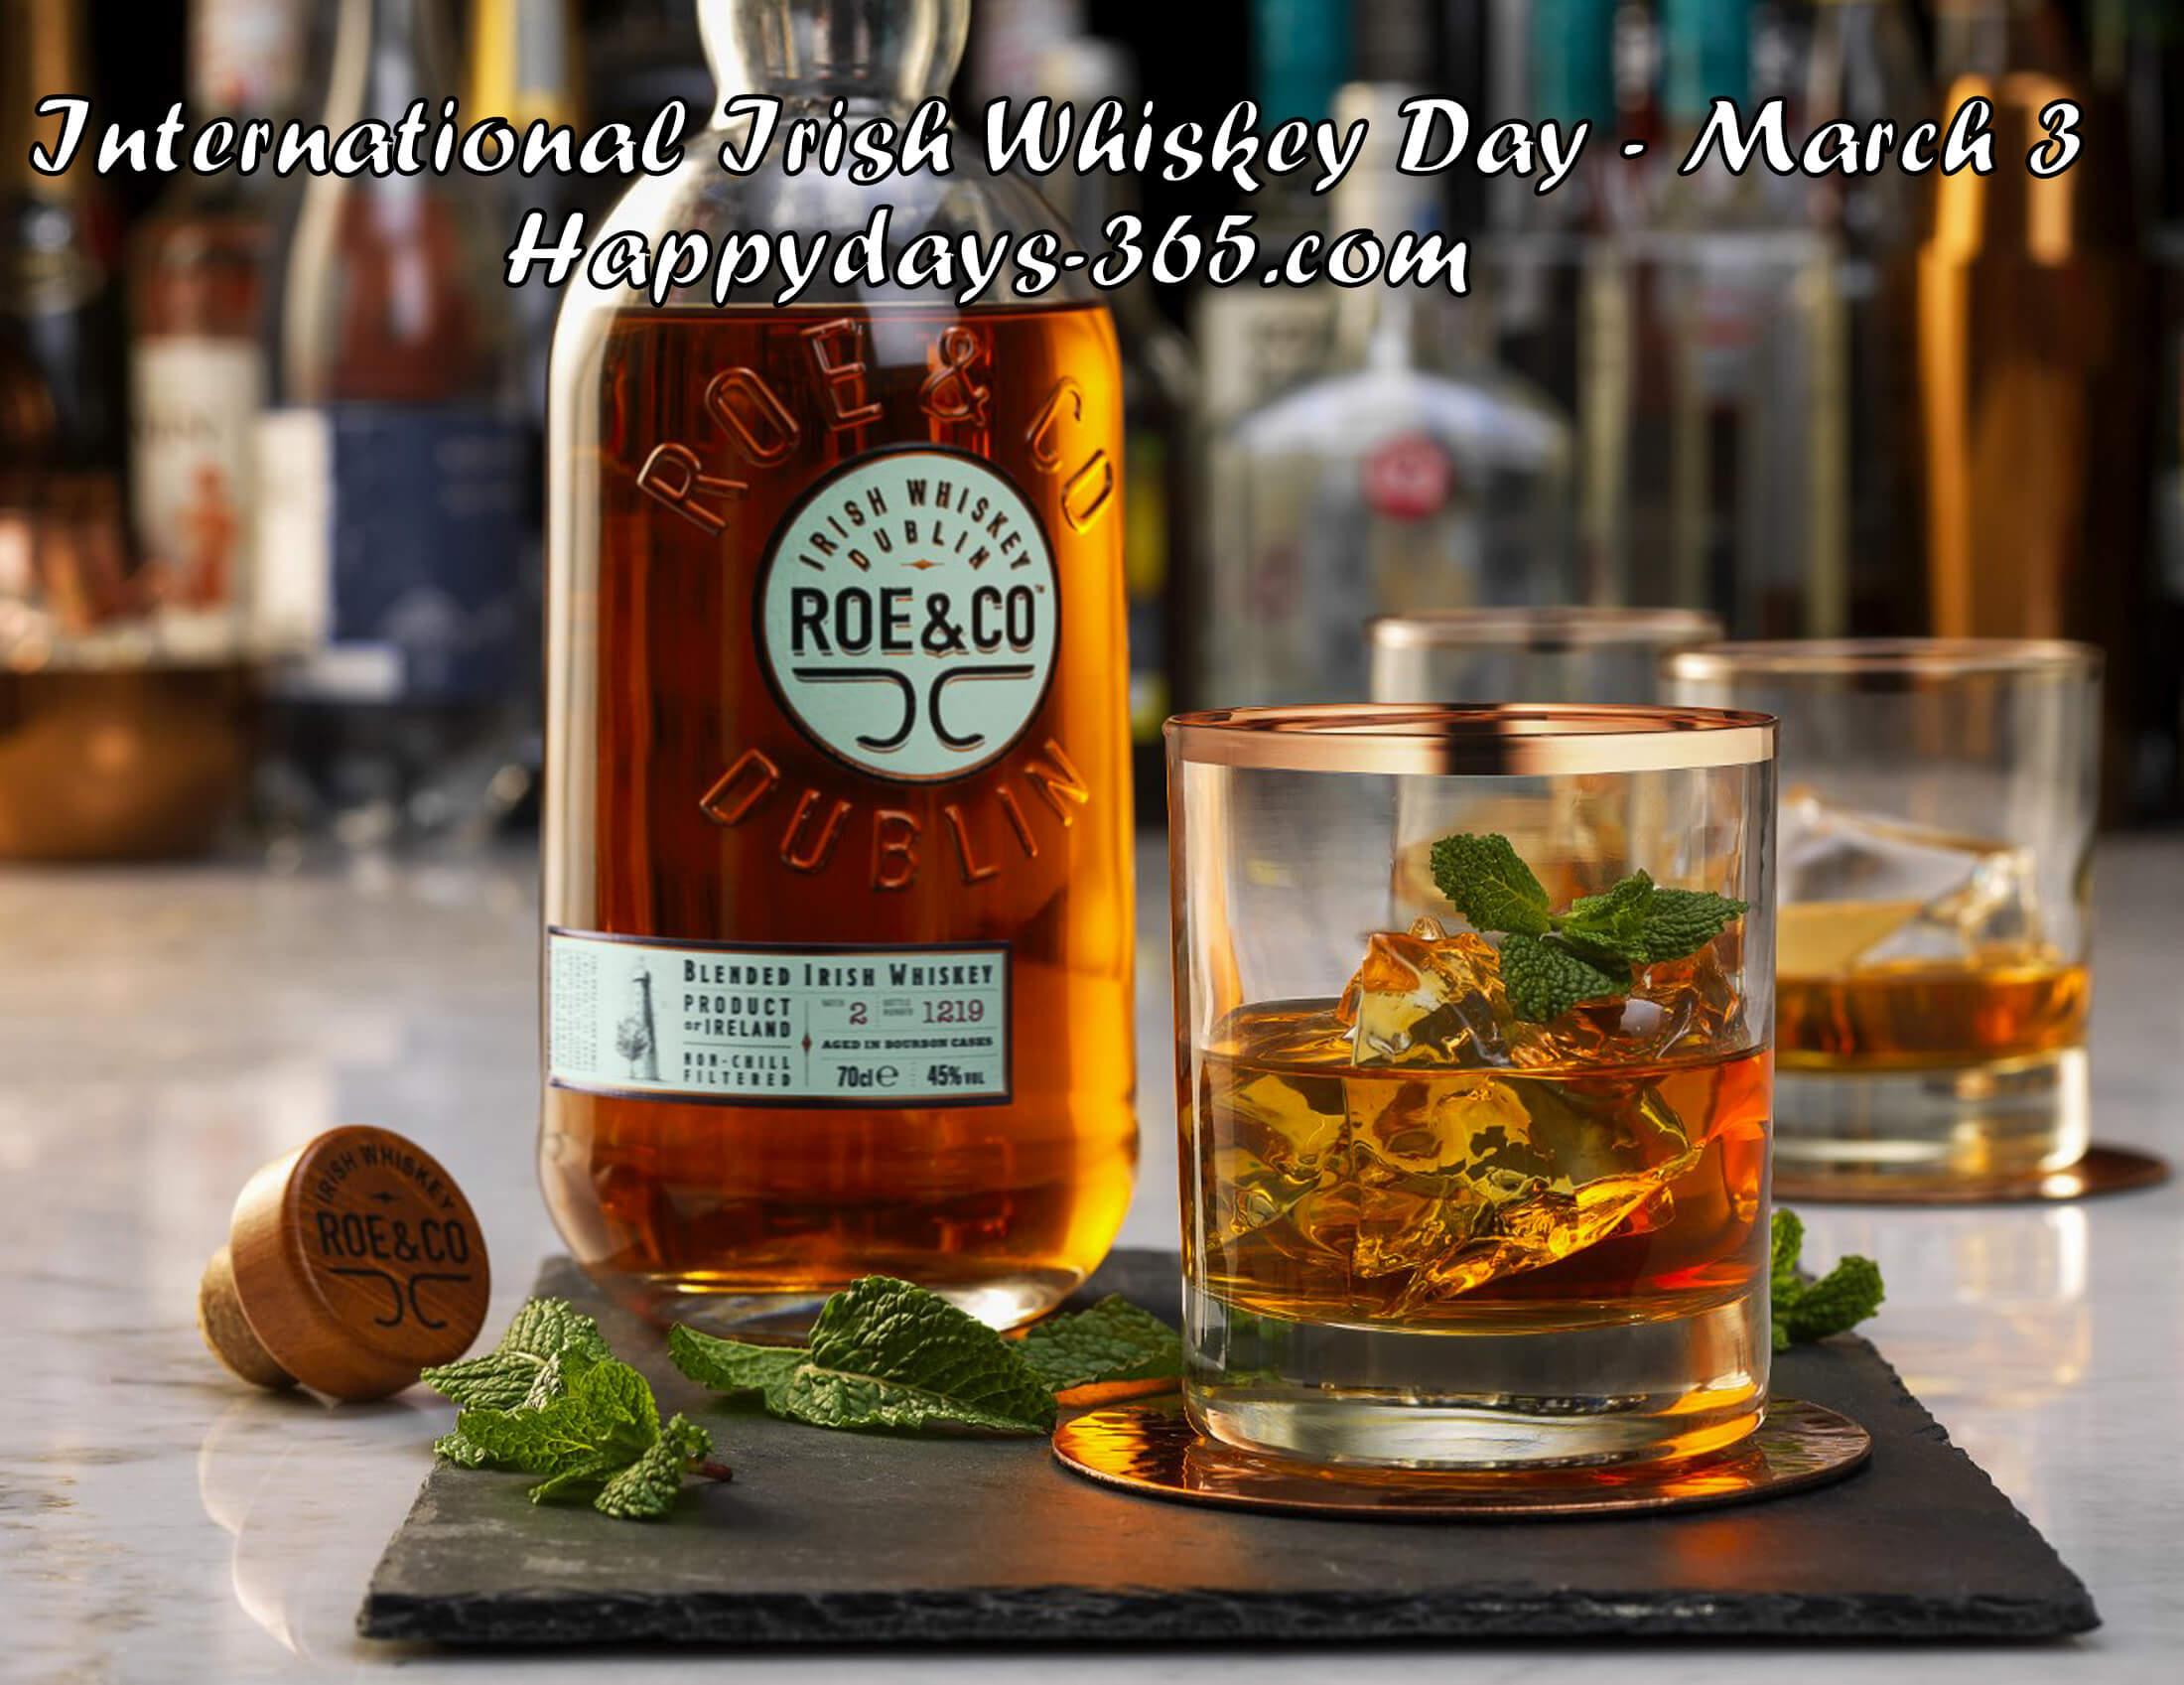 International Irish Whiskey Day – March 3, 2018